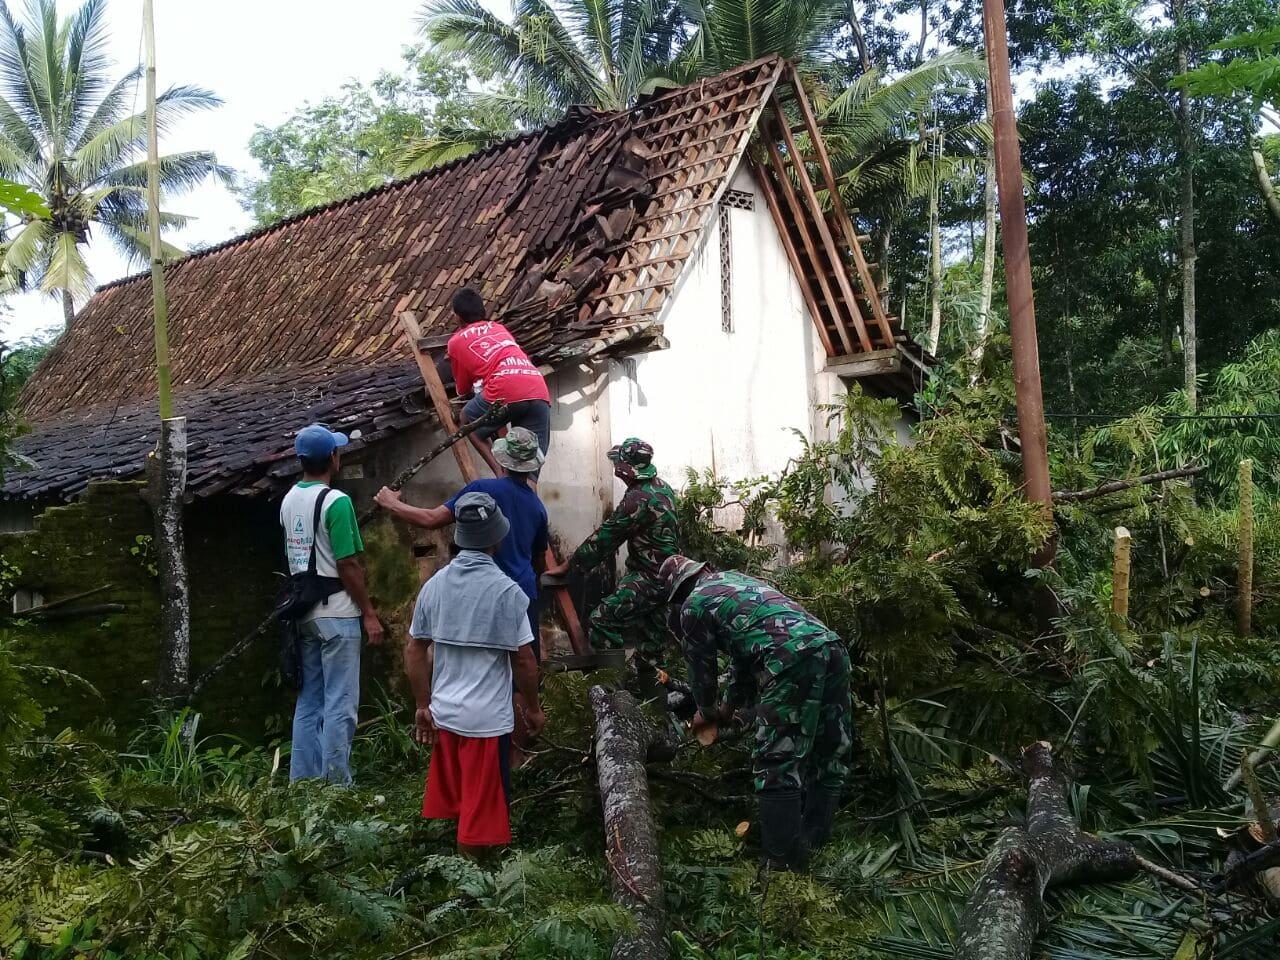 Bersama Warga, Koramil Srumbung Perbaiki Rumah Tertimpa Pohon